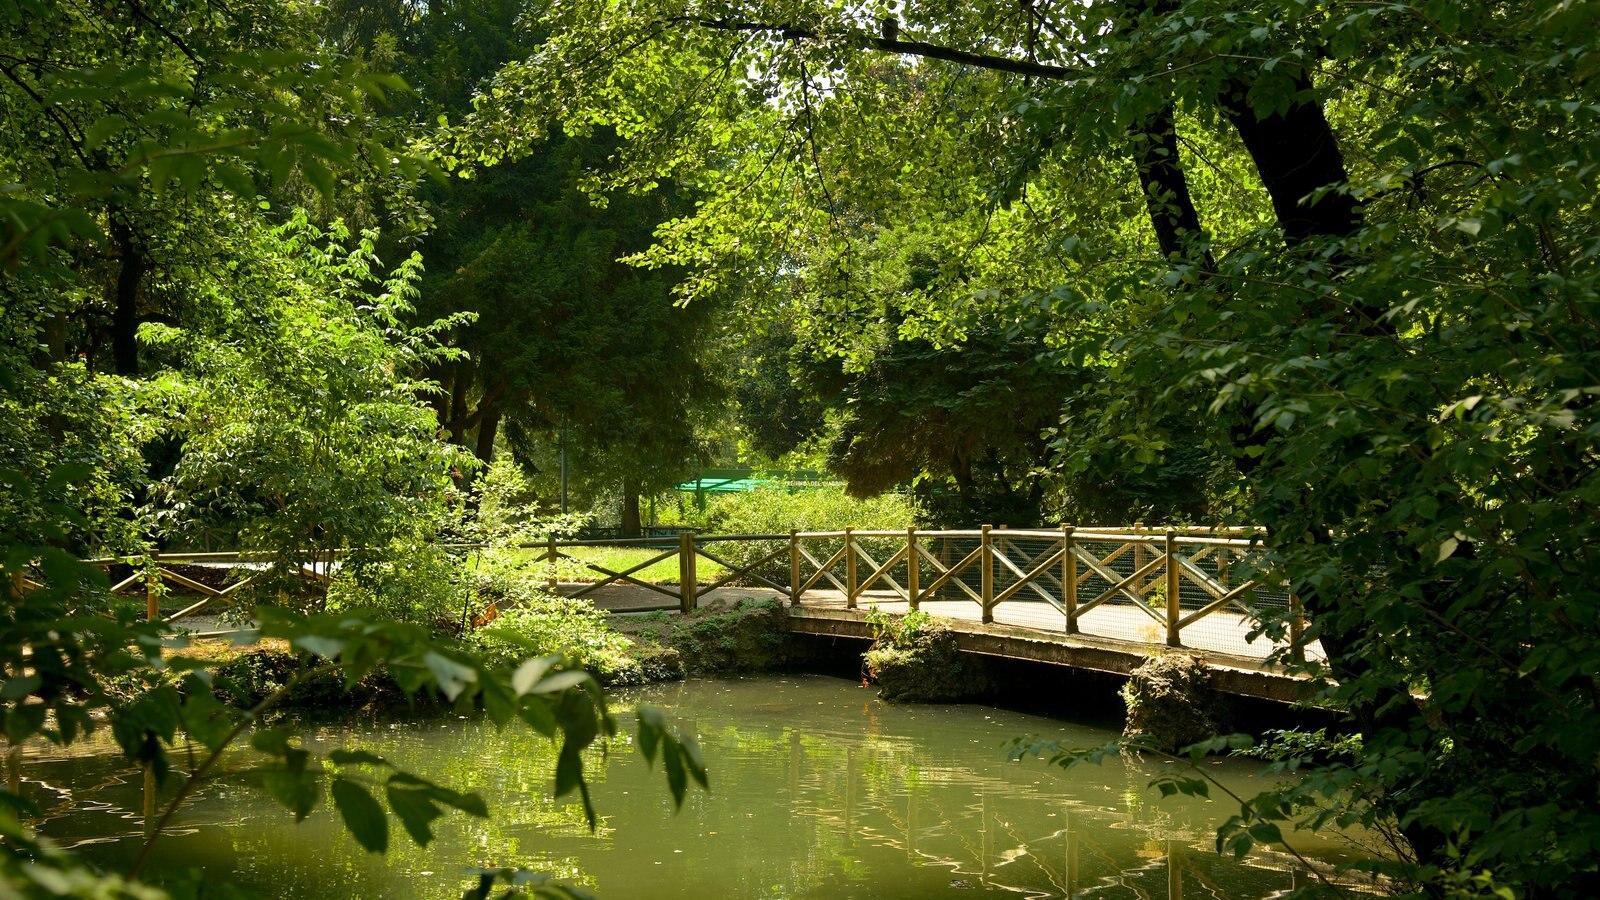 Giardini Pubblici Indro Montanelli ofreciendo un jardín y un estanque